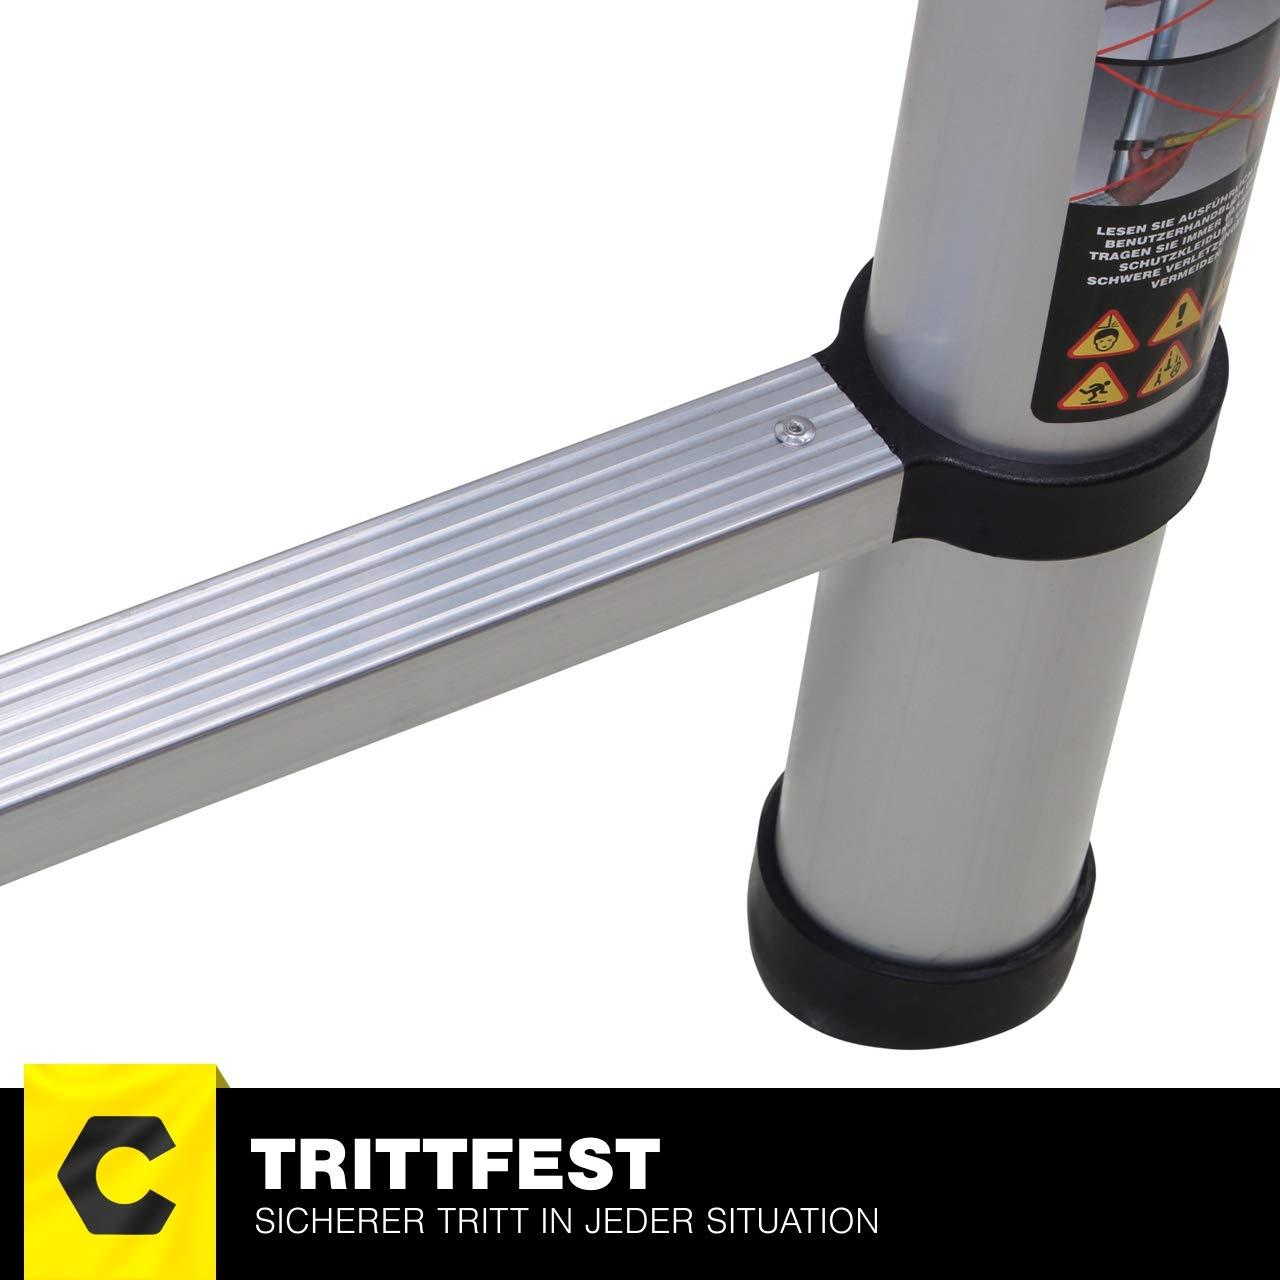 2 x 1.9 Meter Anlegeleiter Craftfull Alu Teleskopleiter Klappleiter CF-102A Total 3.8 m Leiter Black Edition 3,2//3,8//4,4//5// 5,6 M Meter -Tragetasche Trittleiter